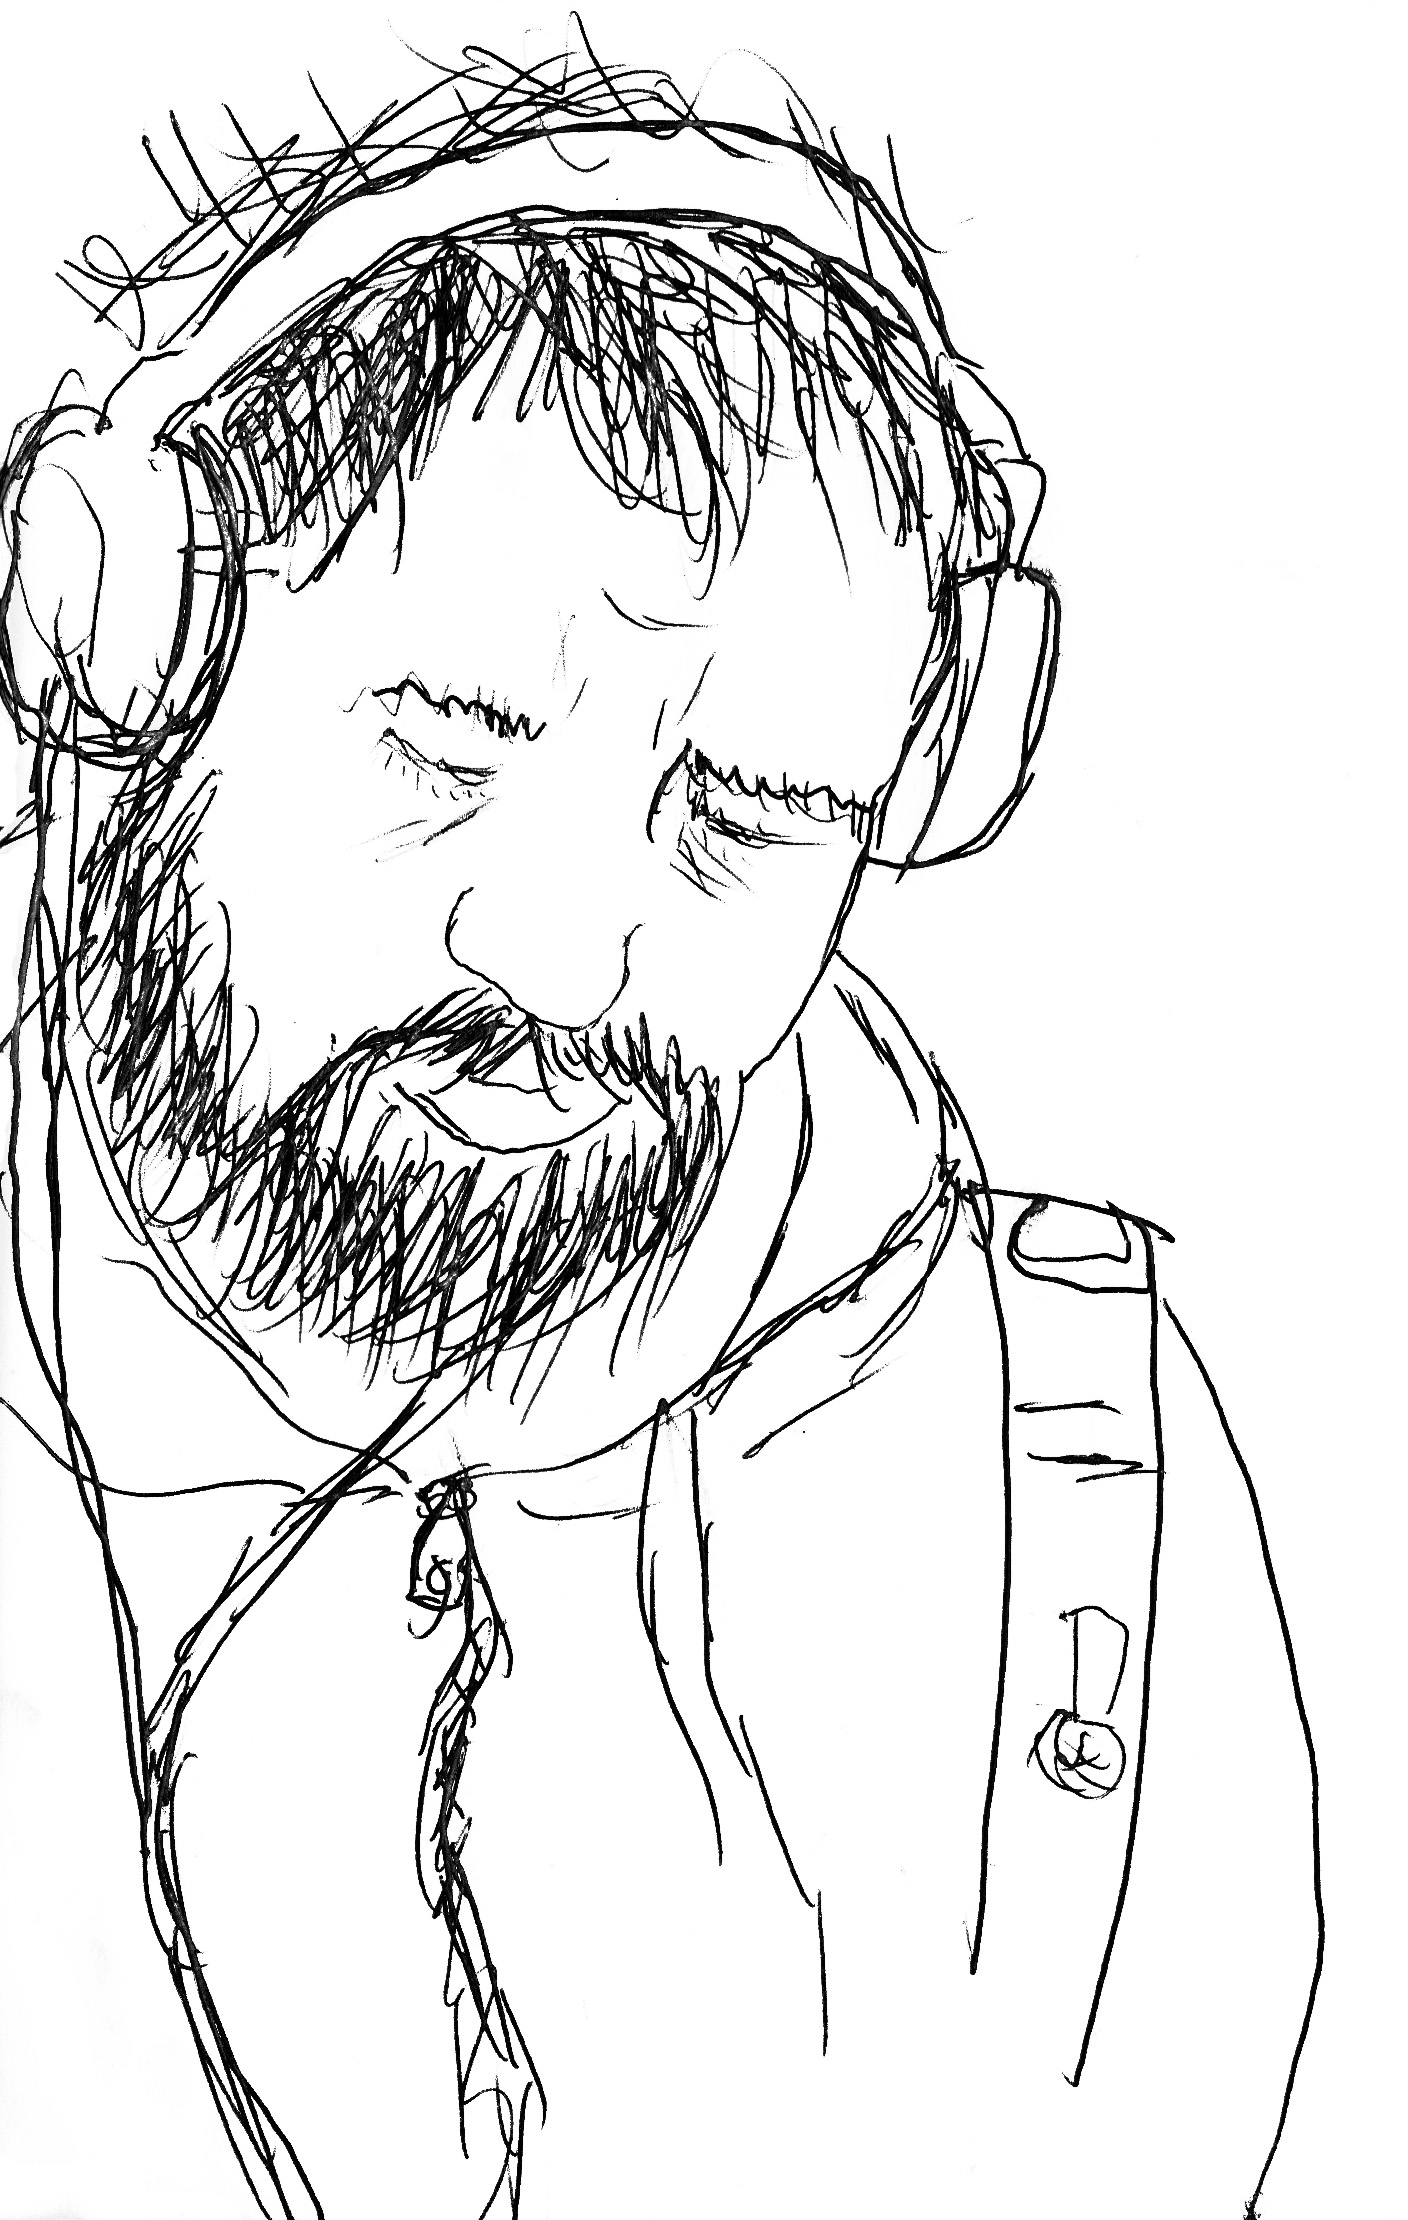 GaB_headphones.jpg